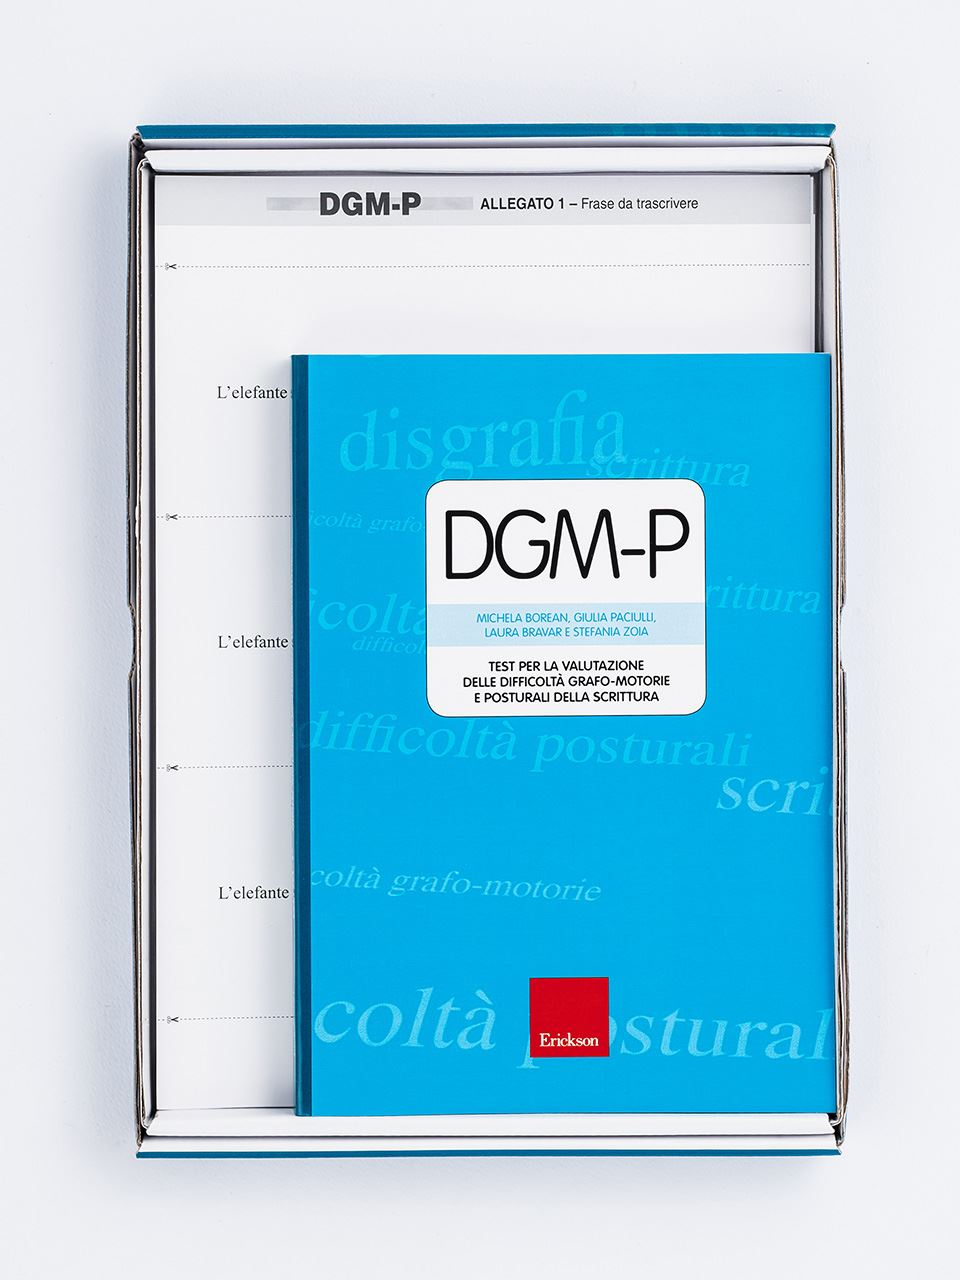 Test DGM-P - Test per la valutazione delle diffico - Libri - Erickson 2